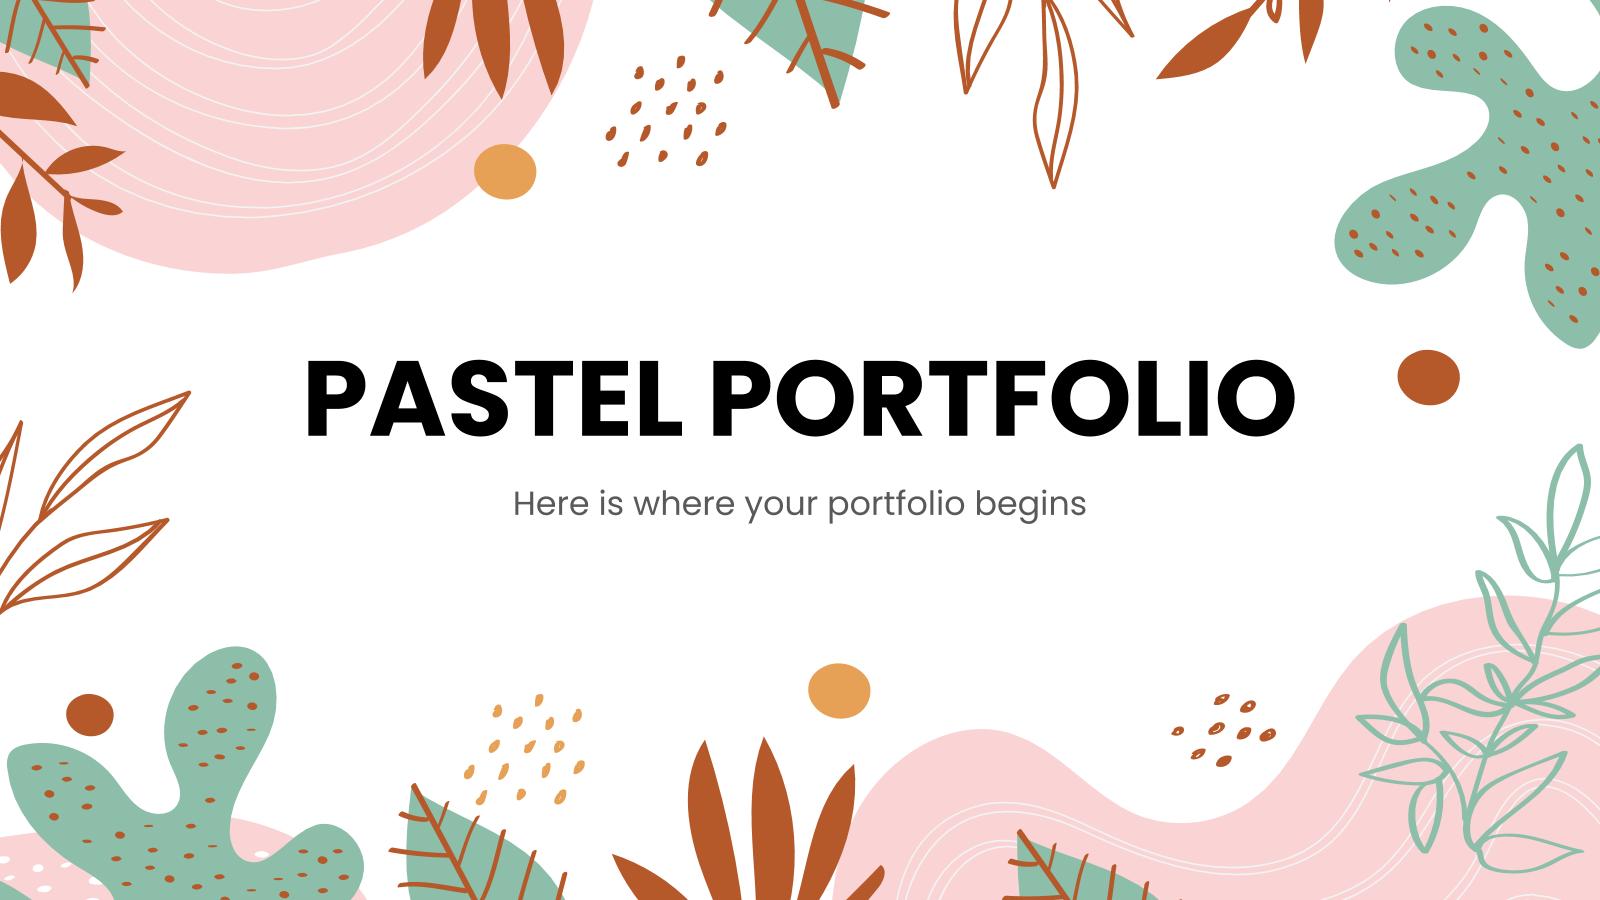 Modelo de apresentação Portfólio em tons pastéis